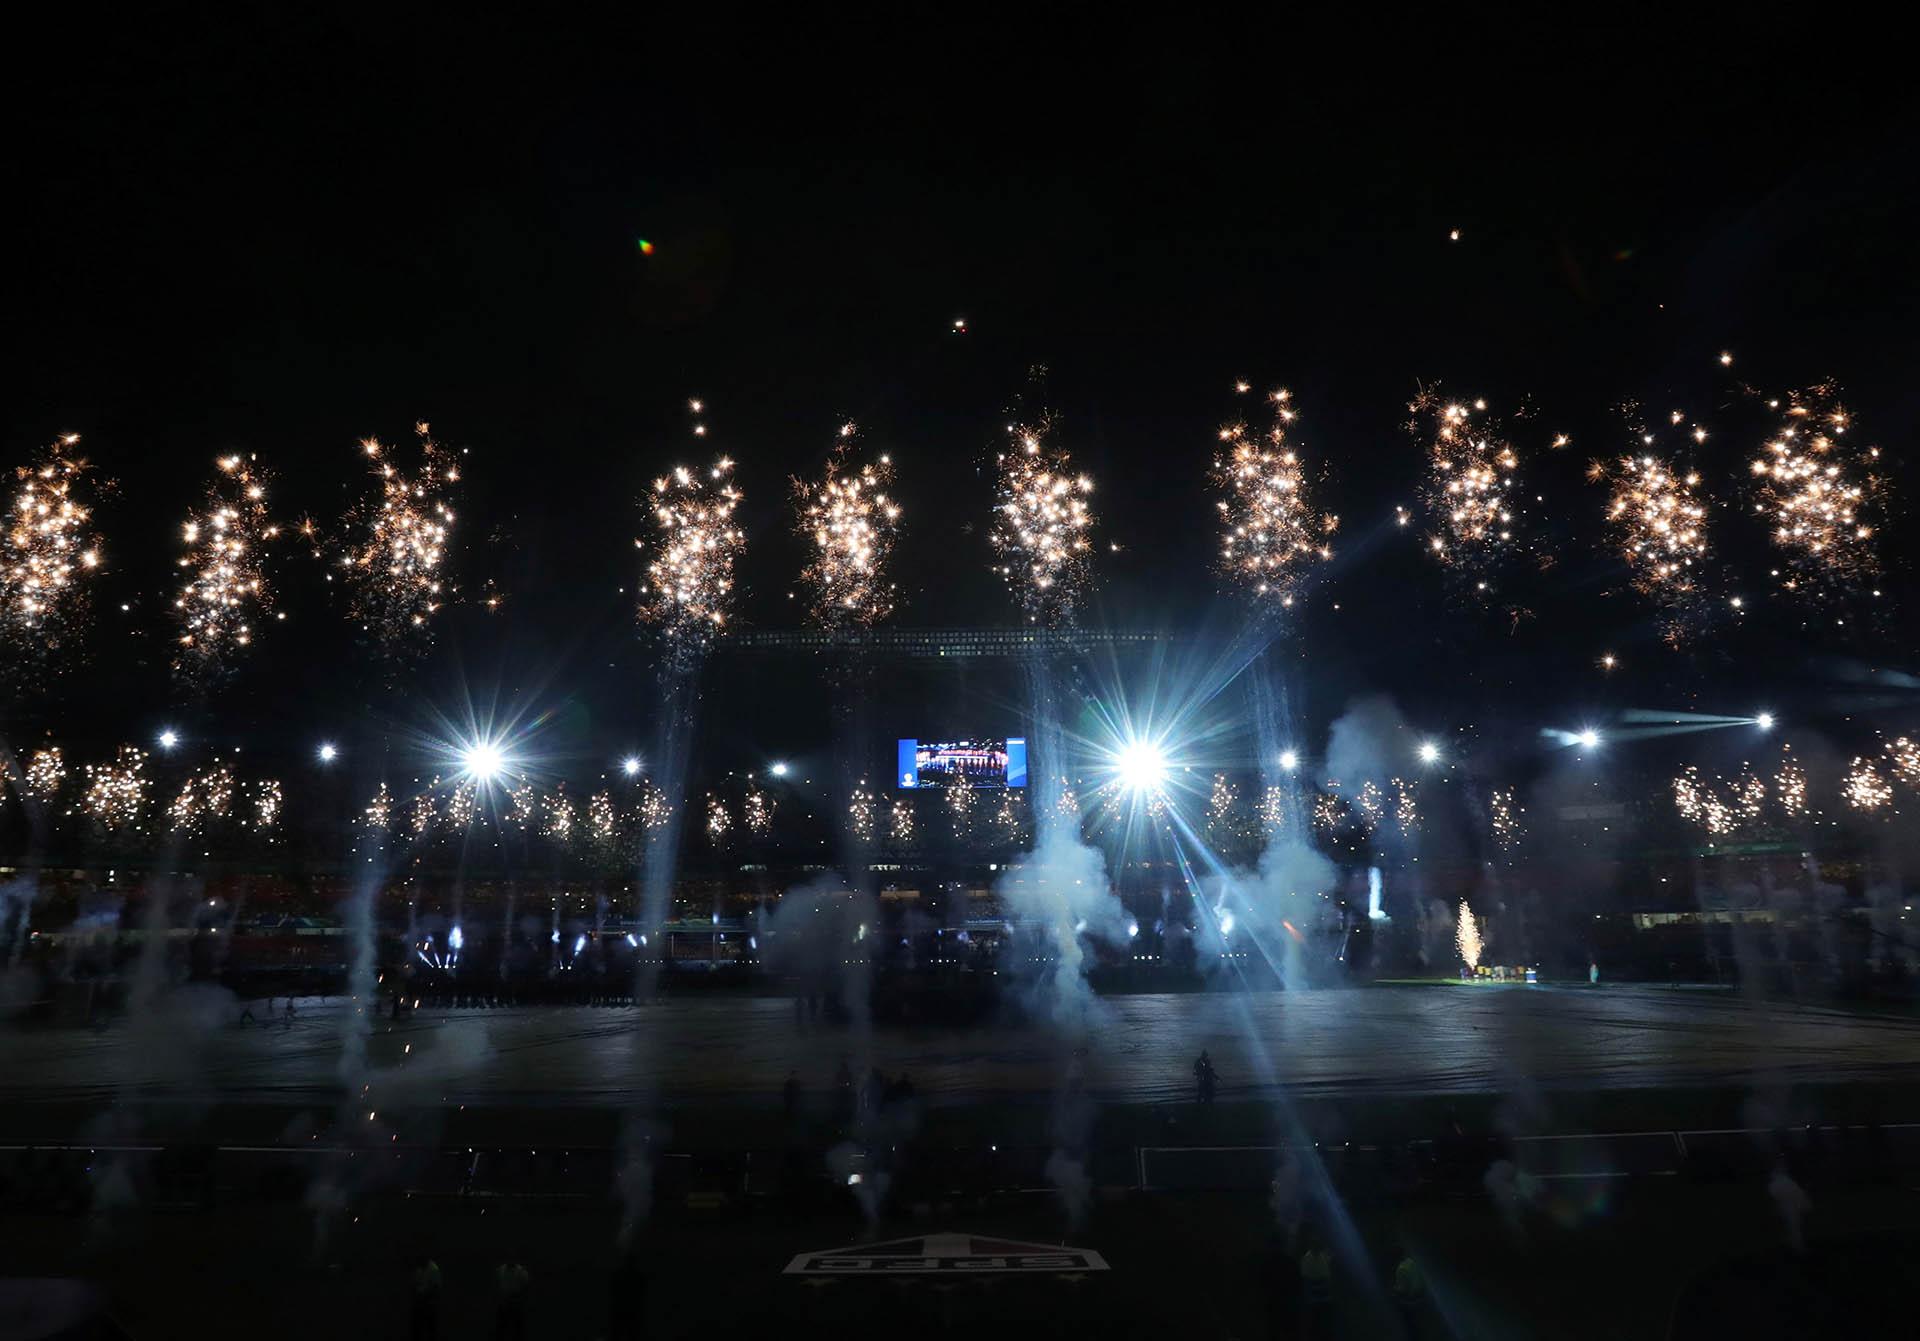 La ceremonia contó una historia que está dividida en dos partes:la escena final se verá en el evento de cierre que se llevará a cabo el 7 de junio en el Maracaná